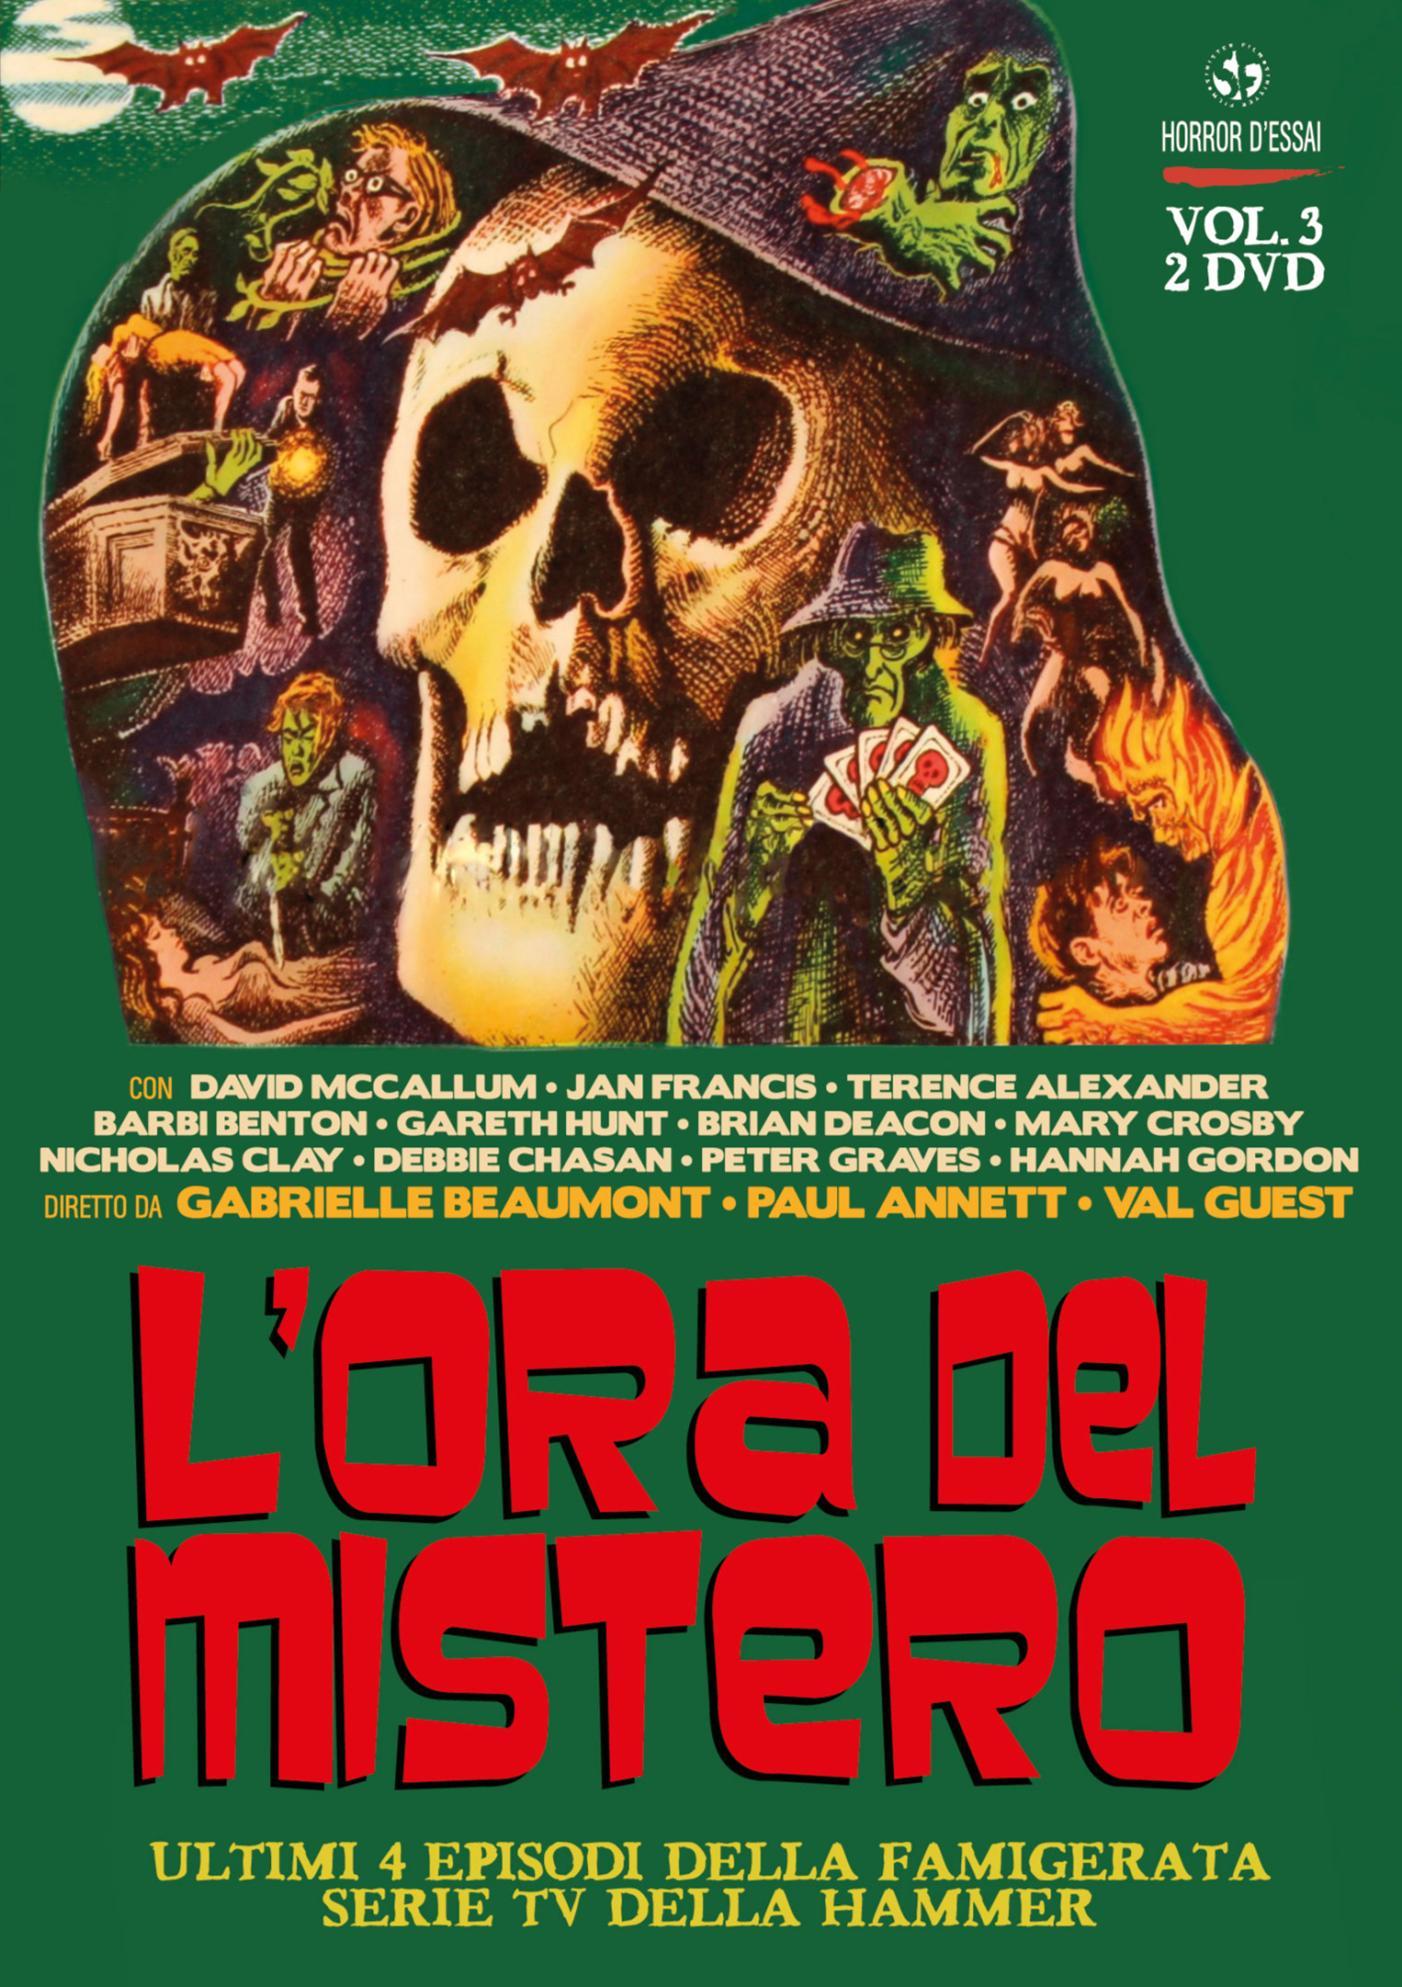 COF.L'ORA DEL MISTERO #03 (2 DVD) (DVD)